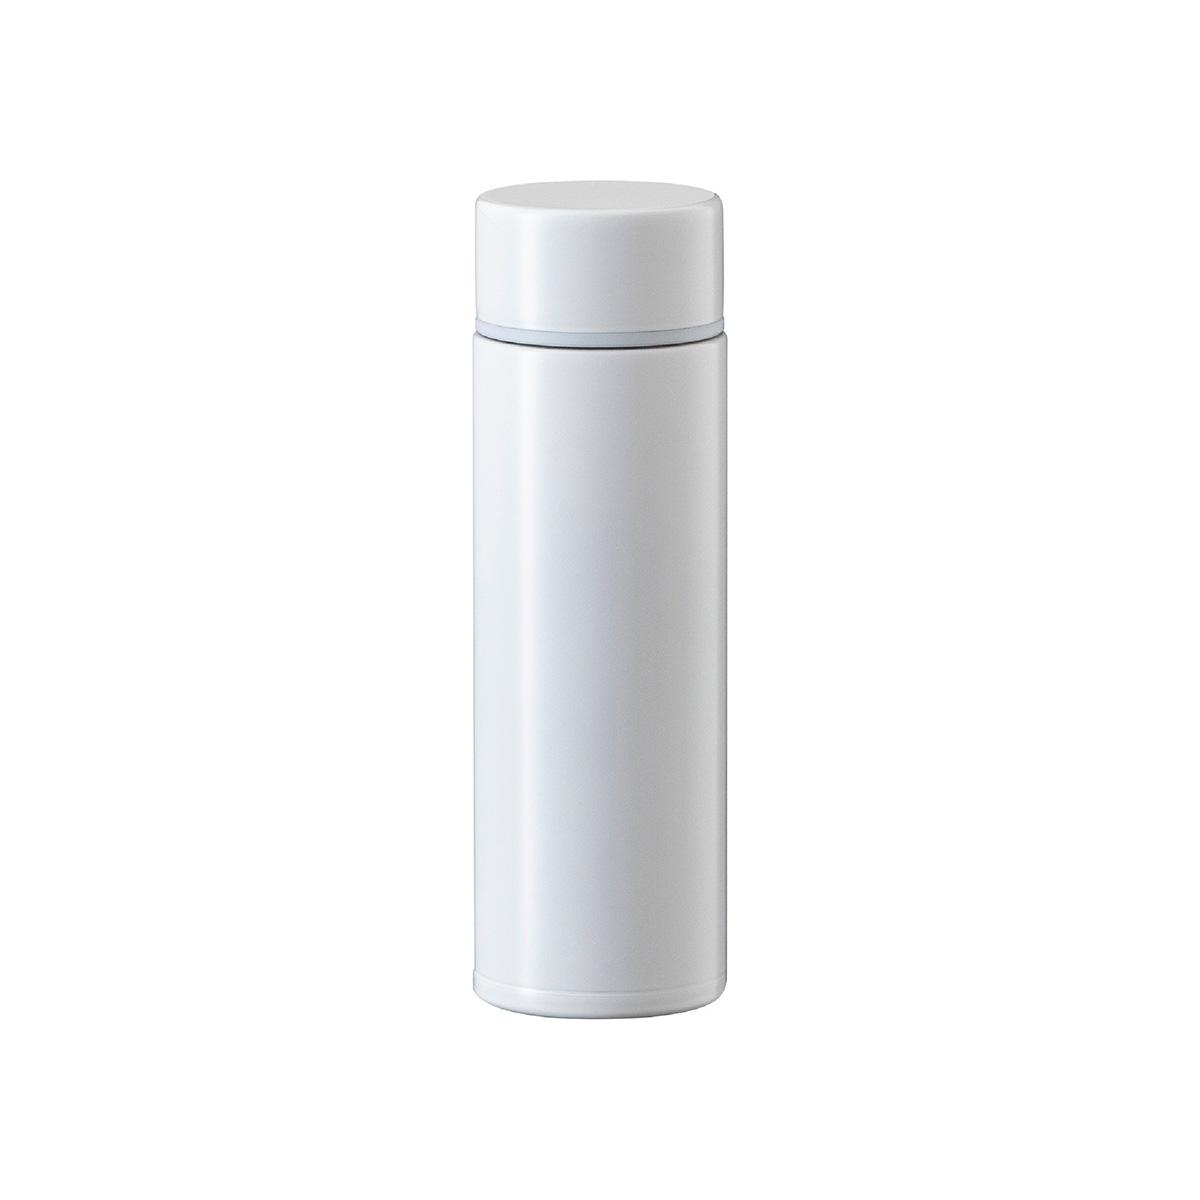 miniボトル 160ml ホワイト